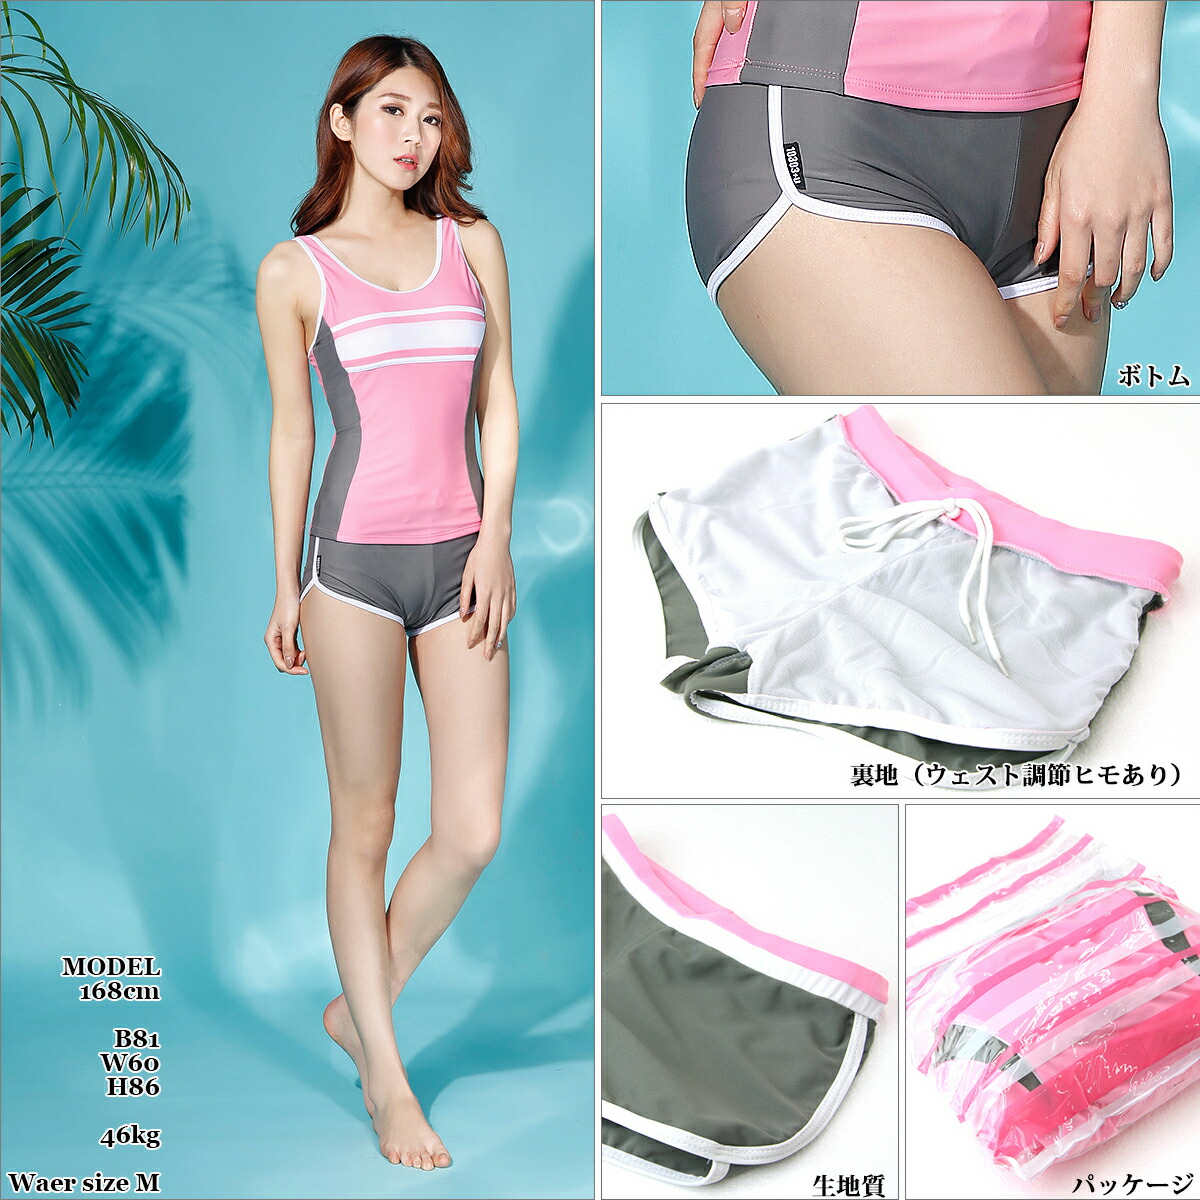 UVカットフィットネス水着 七分袖 紫外線防止 レディース 水着 日焼け防止カラーフィットネスウェア